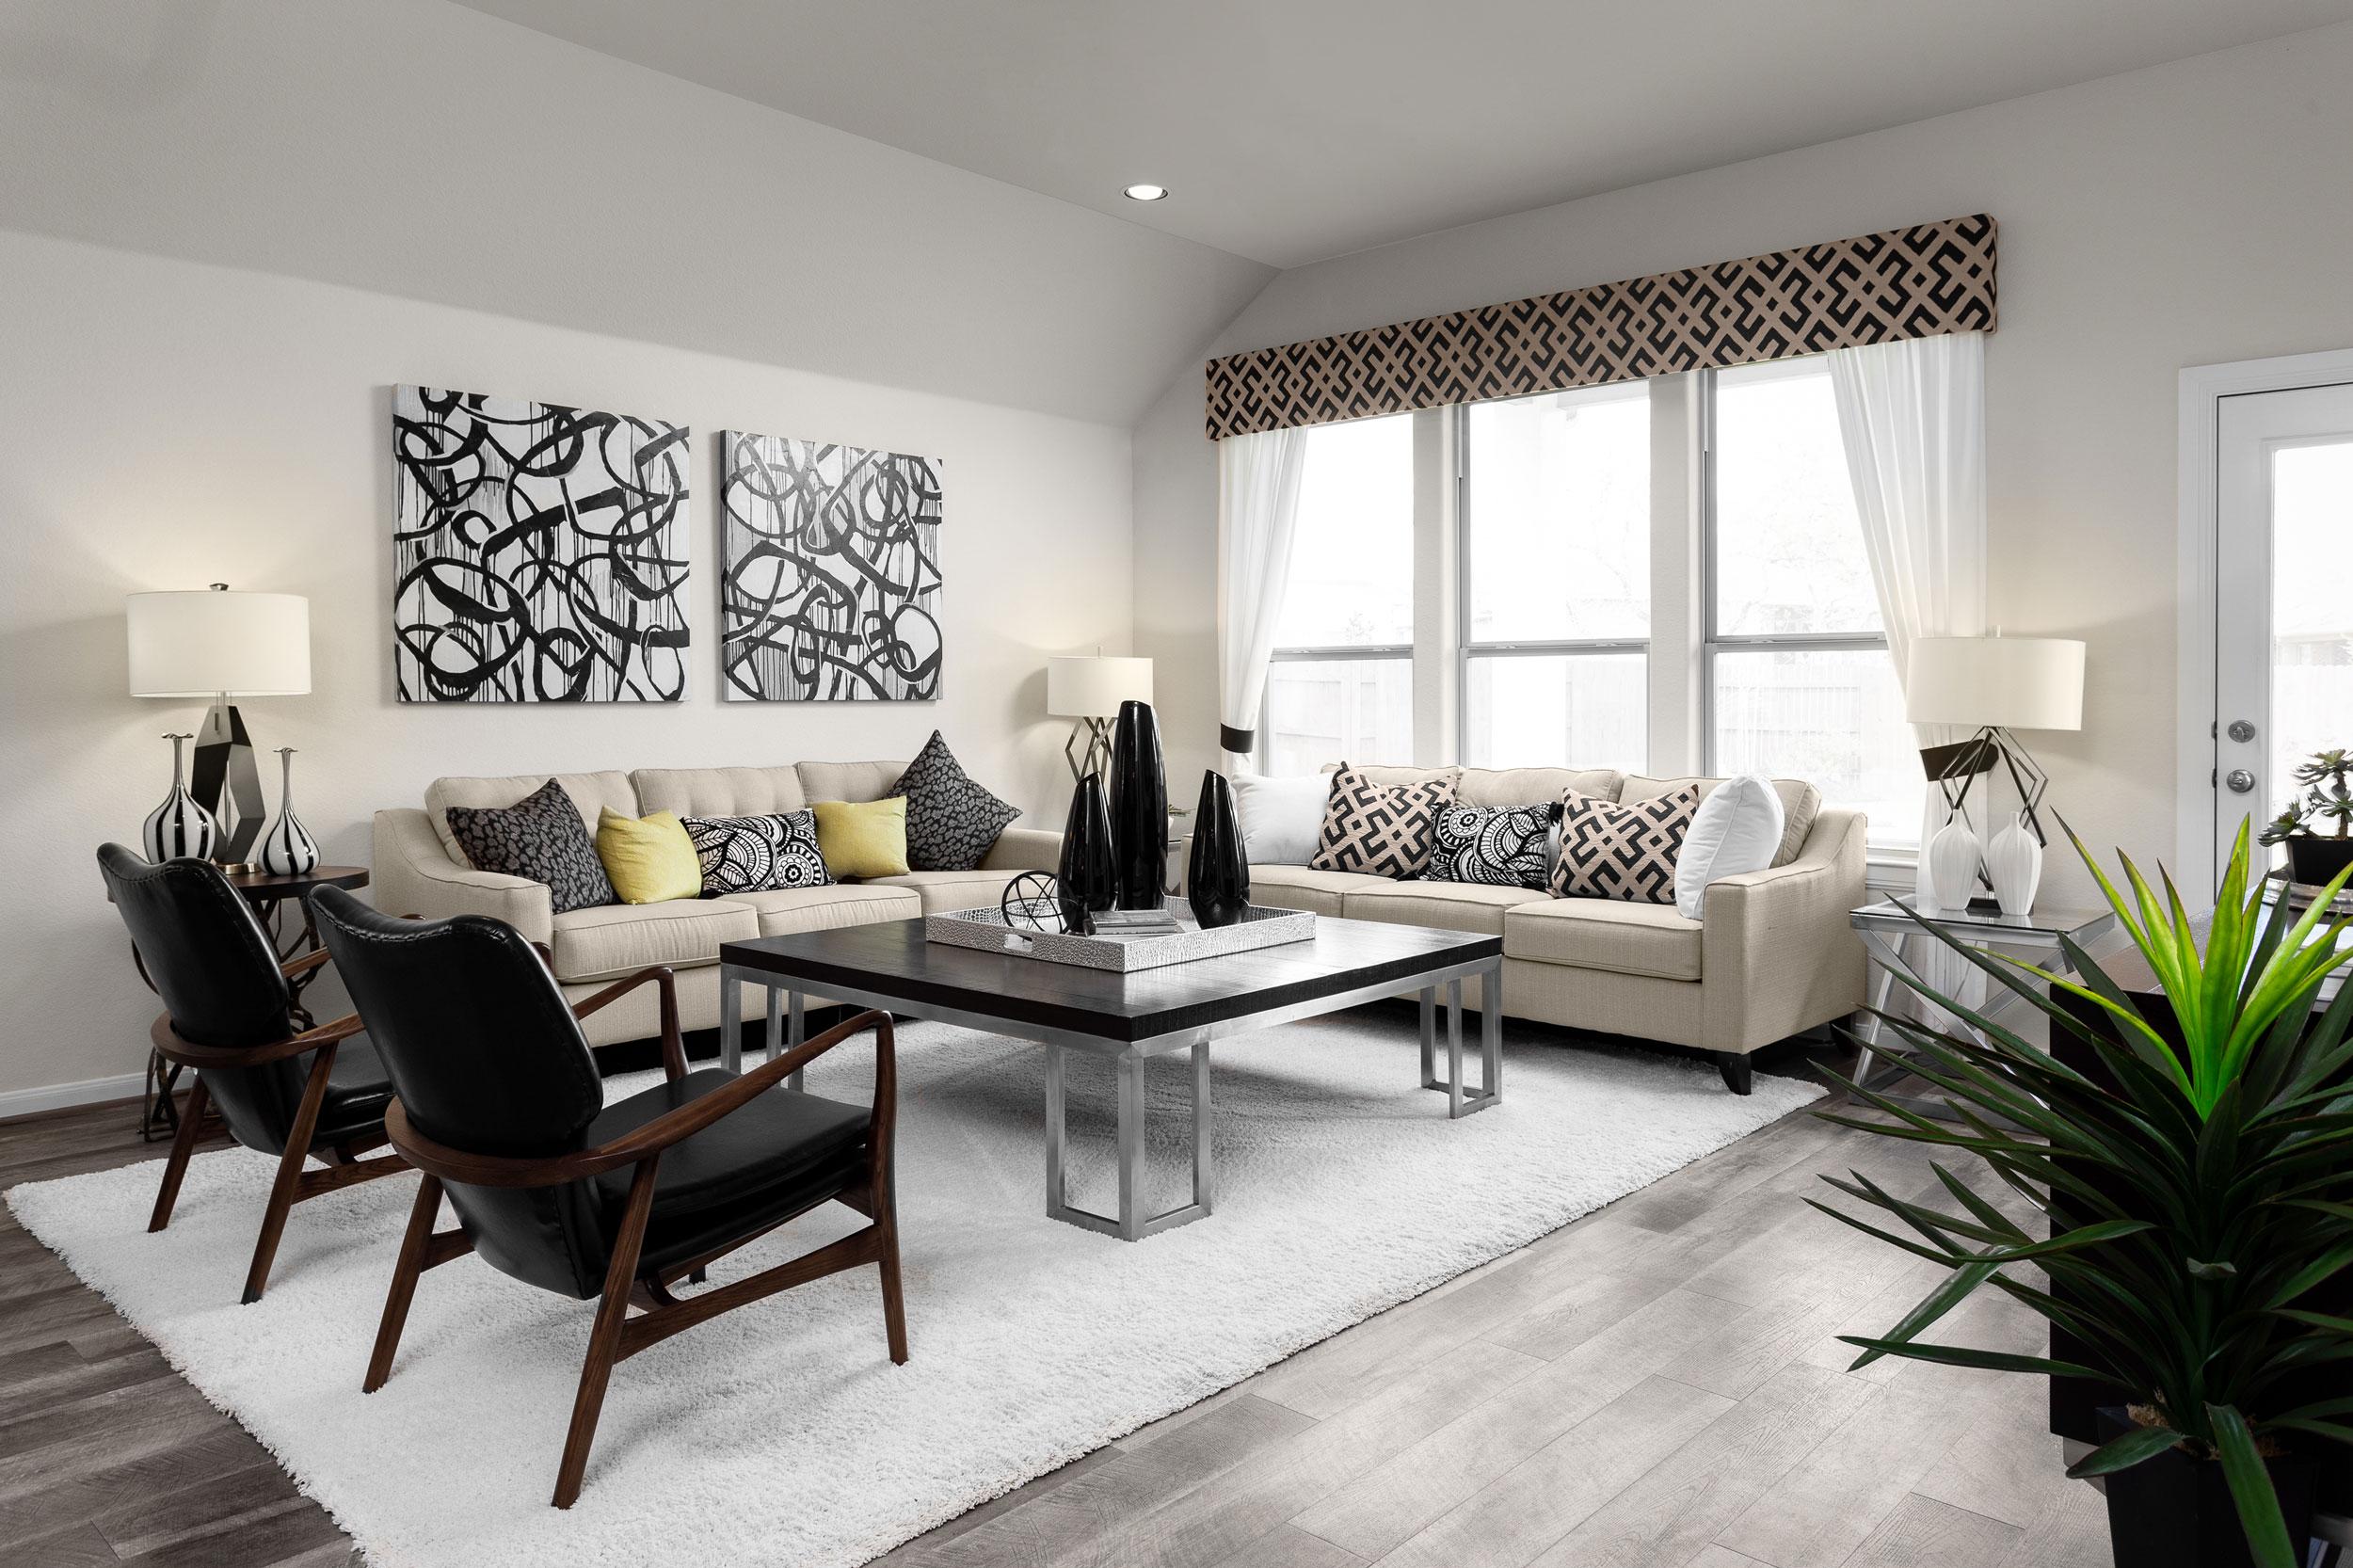 living-room-interior-design.jpg